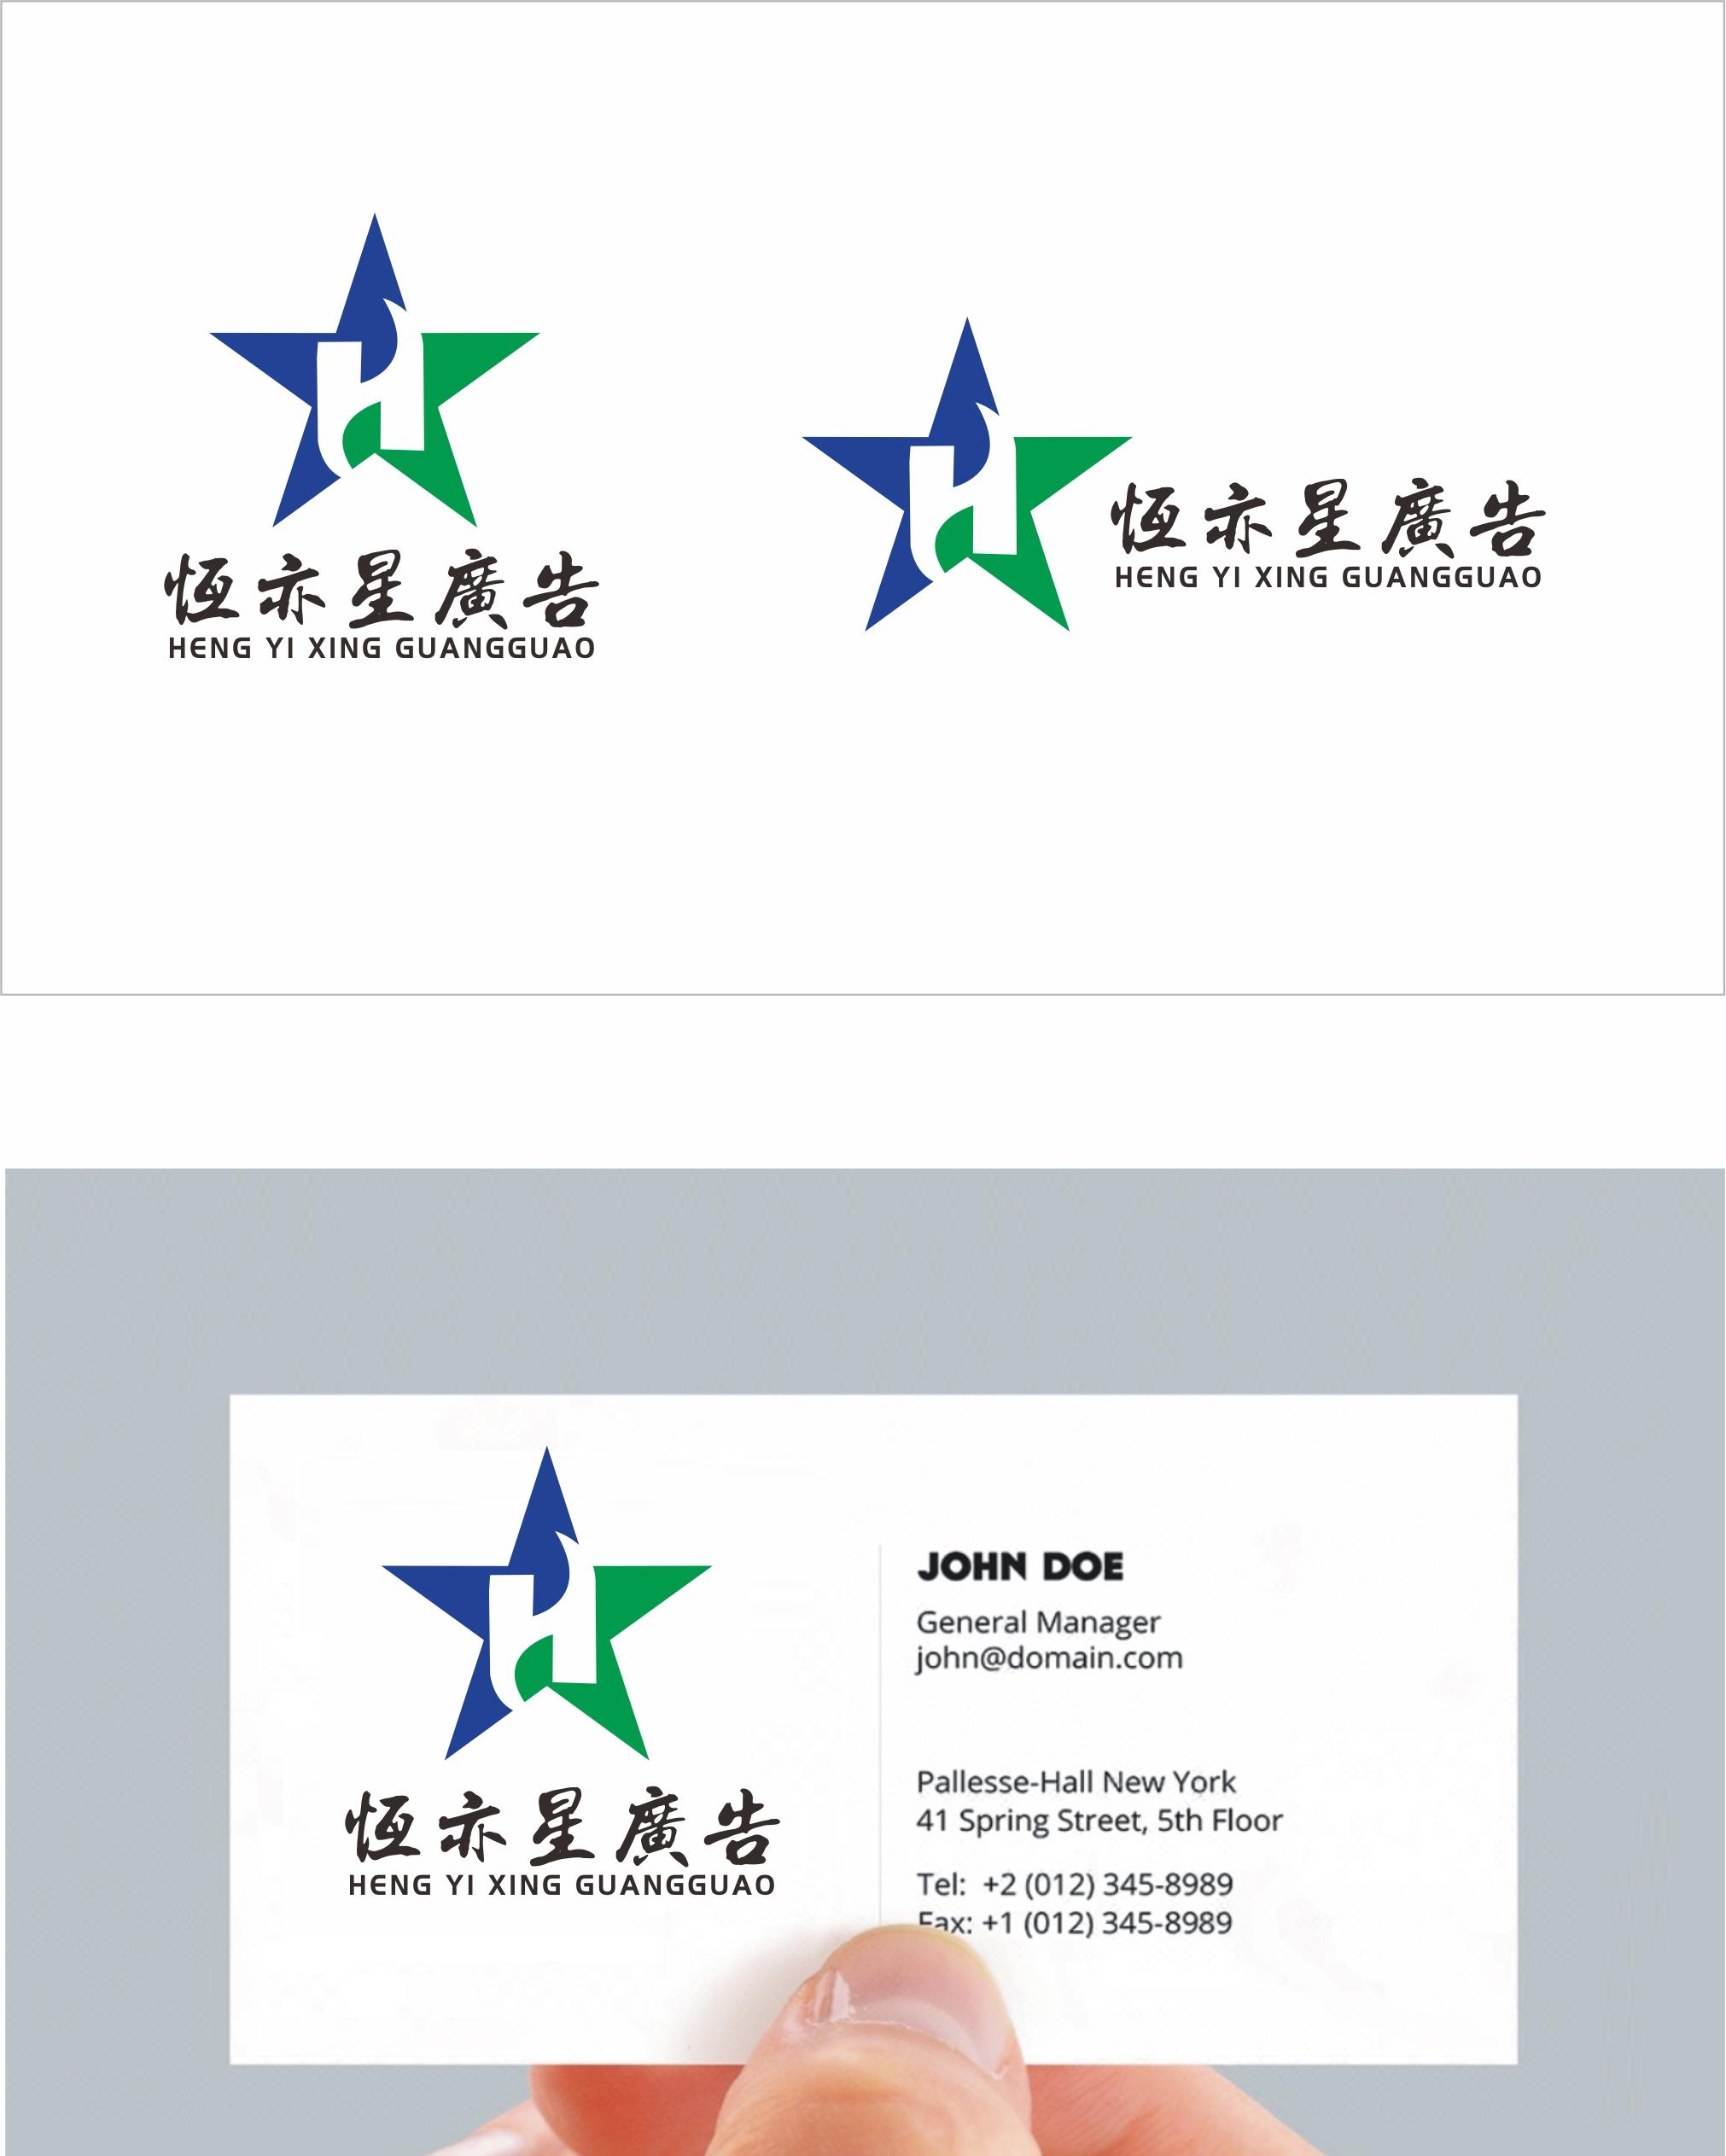 恒亦星广告传媒logo设计_3036690_k68威客网